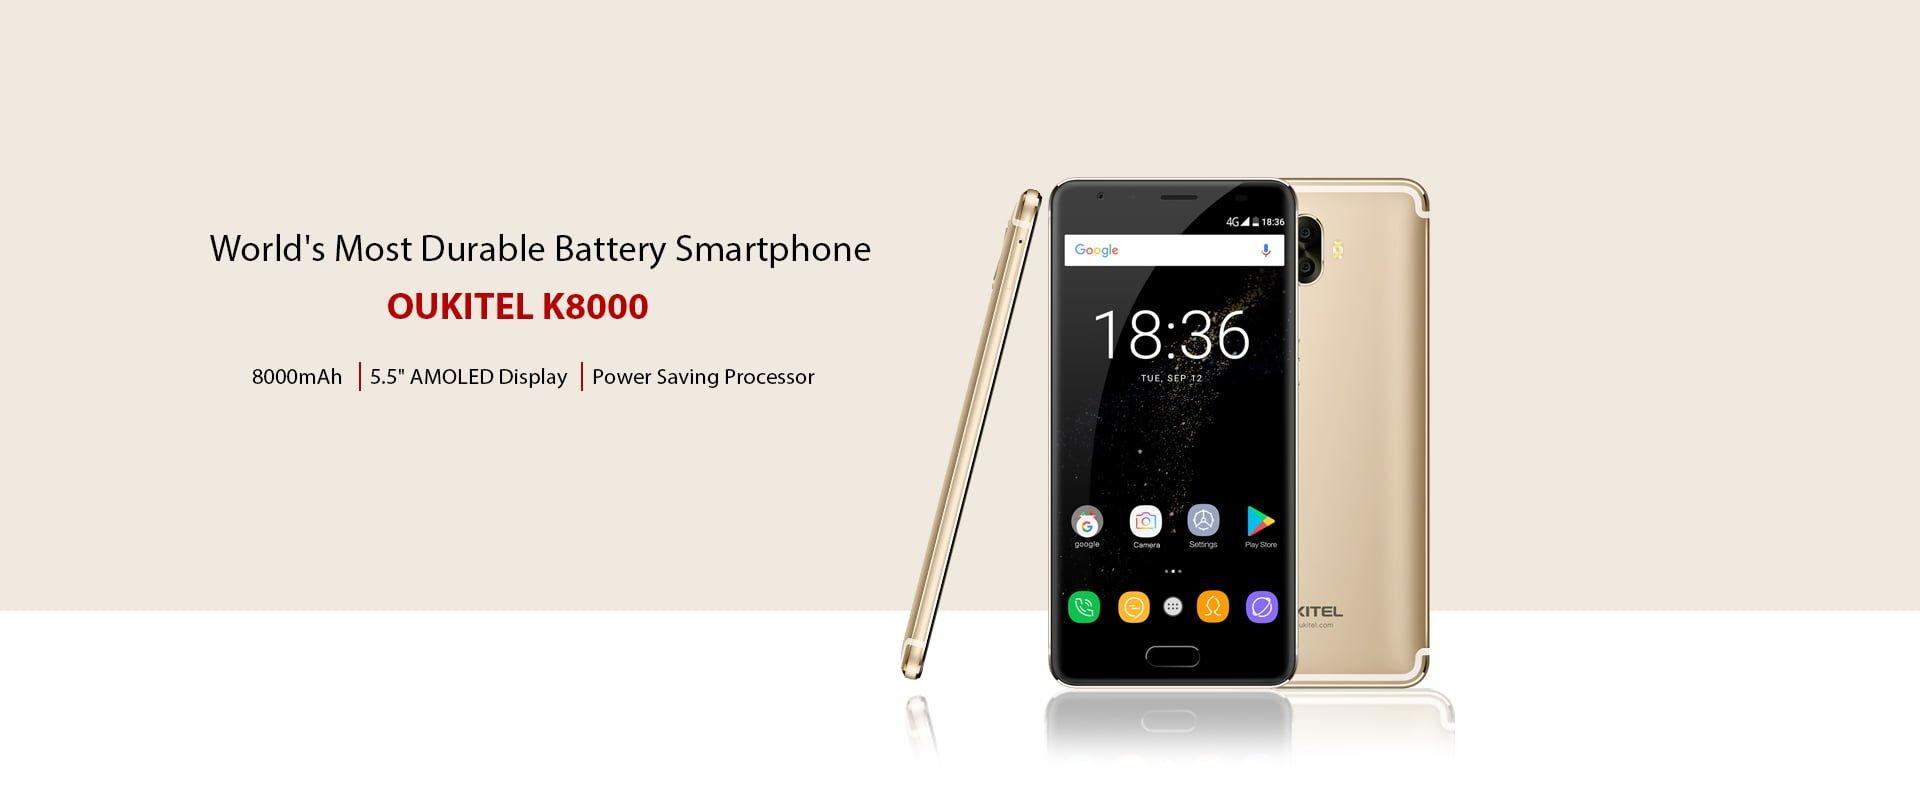 Tabletowo.pl Niemożliwe? A jednak - Oukitel K8000 z baterią 8000 mAh działa dłużej niż Oukitel K10000 Pro z ogniwem 10000 mAh Android Chińskie Smartfony